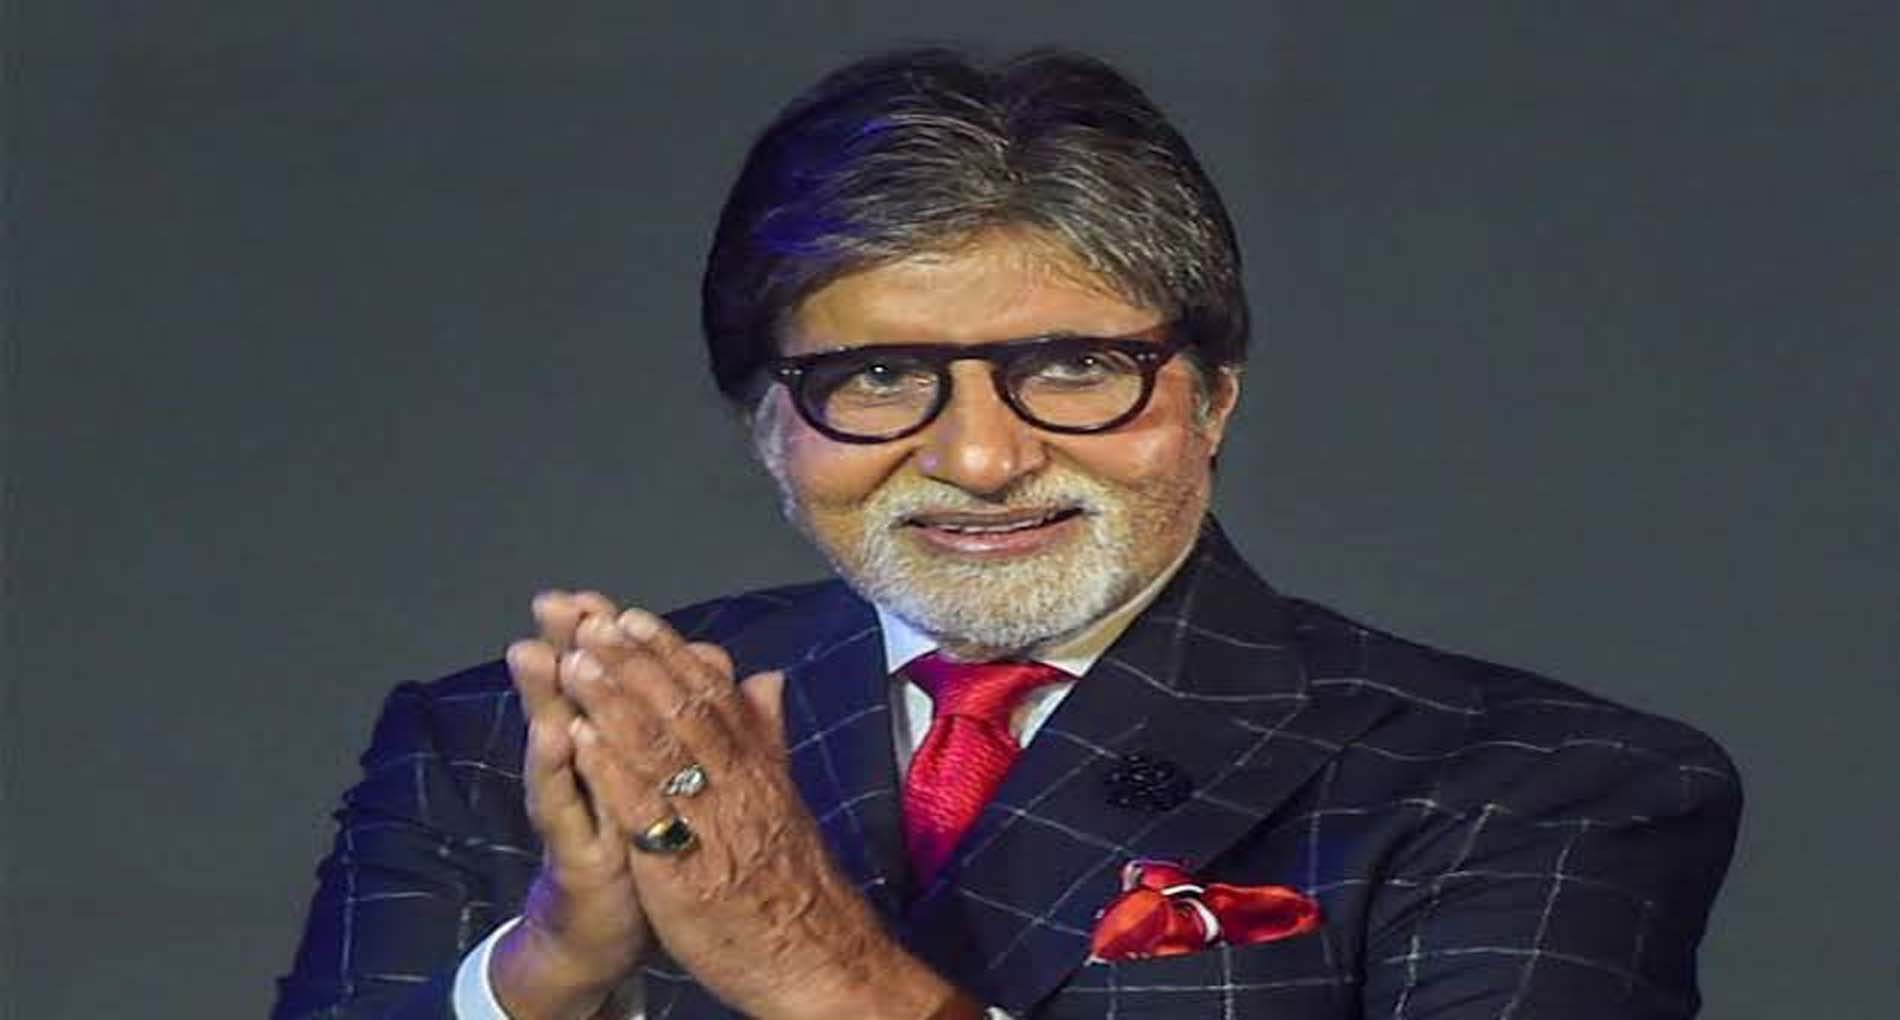 अमिताभ बच्चन ने दिए कोविड सेंटर को 2 करोड़ रुपए! साथ ही की भारत की मदद करने की अपील